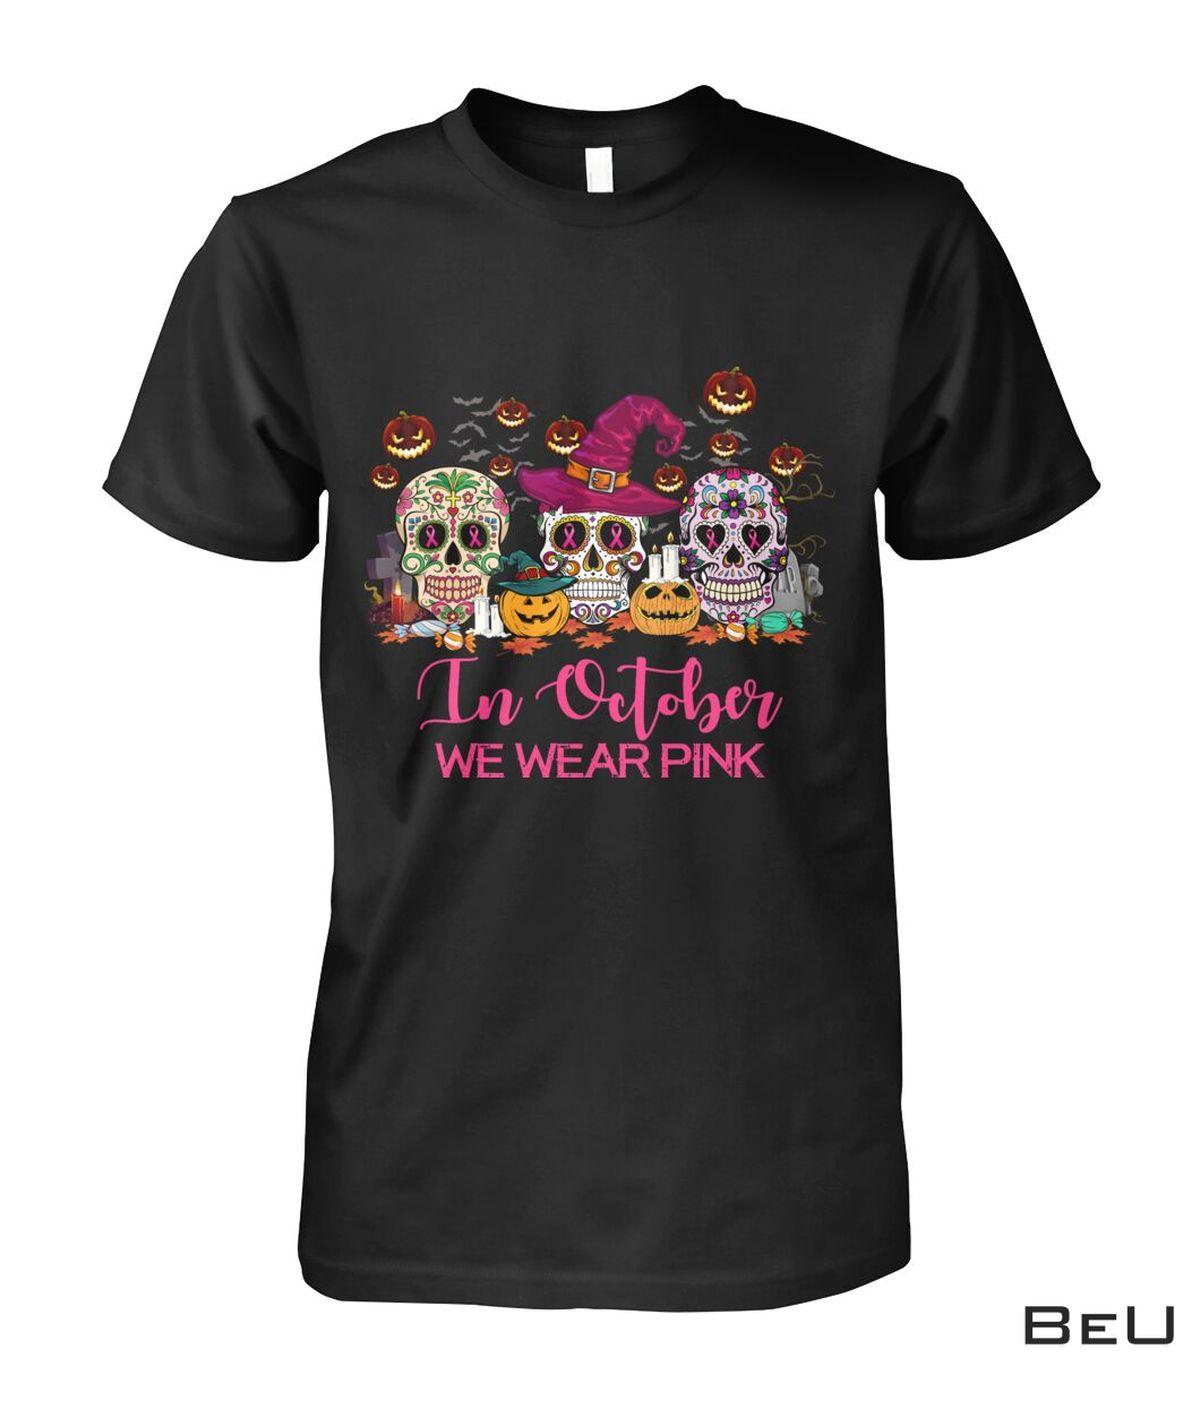 Breast Cancer Awareness In October We Wear Pink Skulls Halloween Shirt